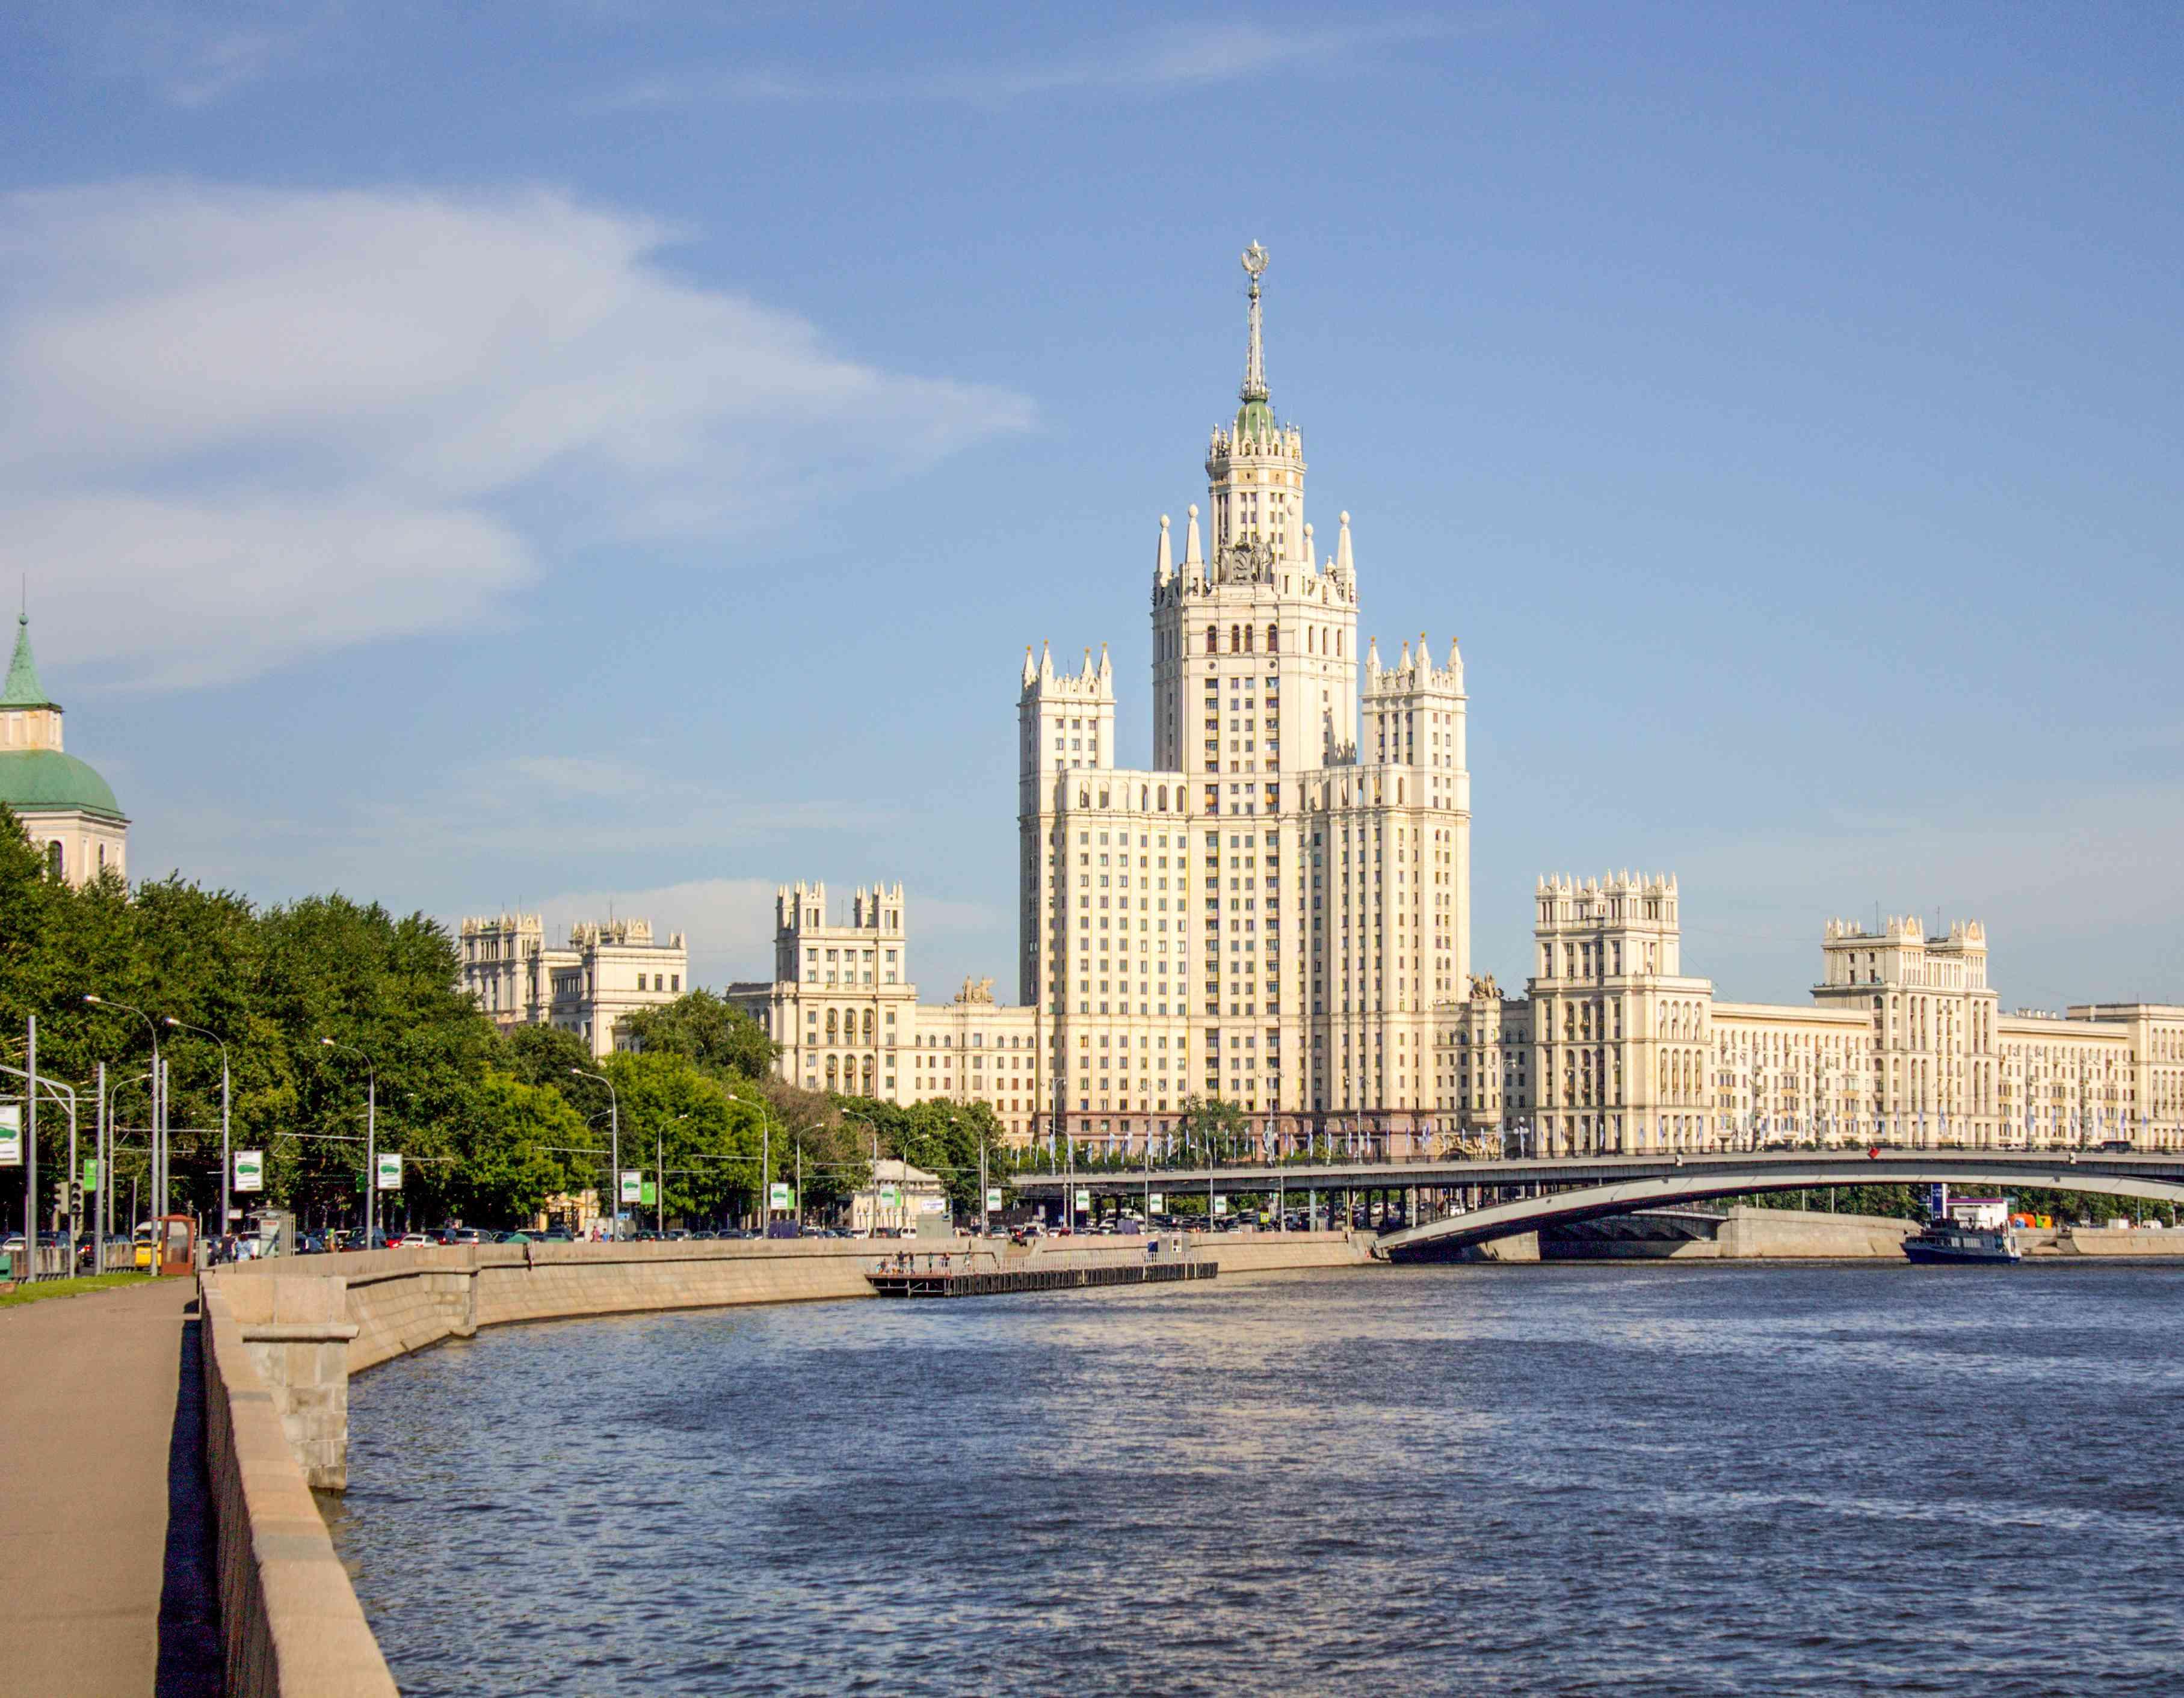 Vista del río Moskva con edificios altos en el fondo